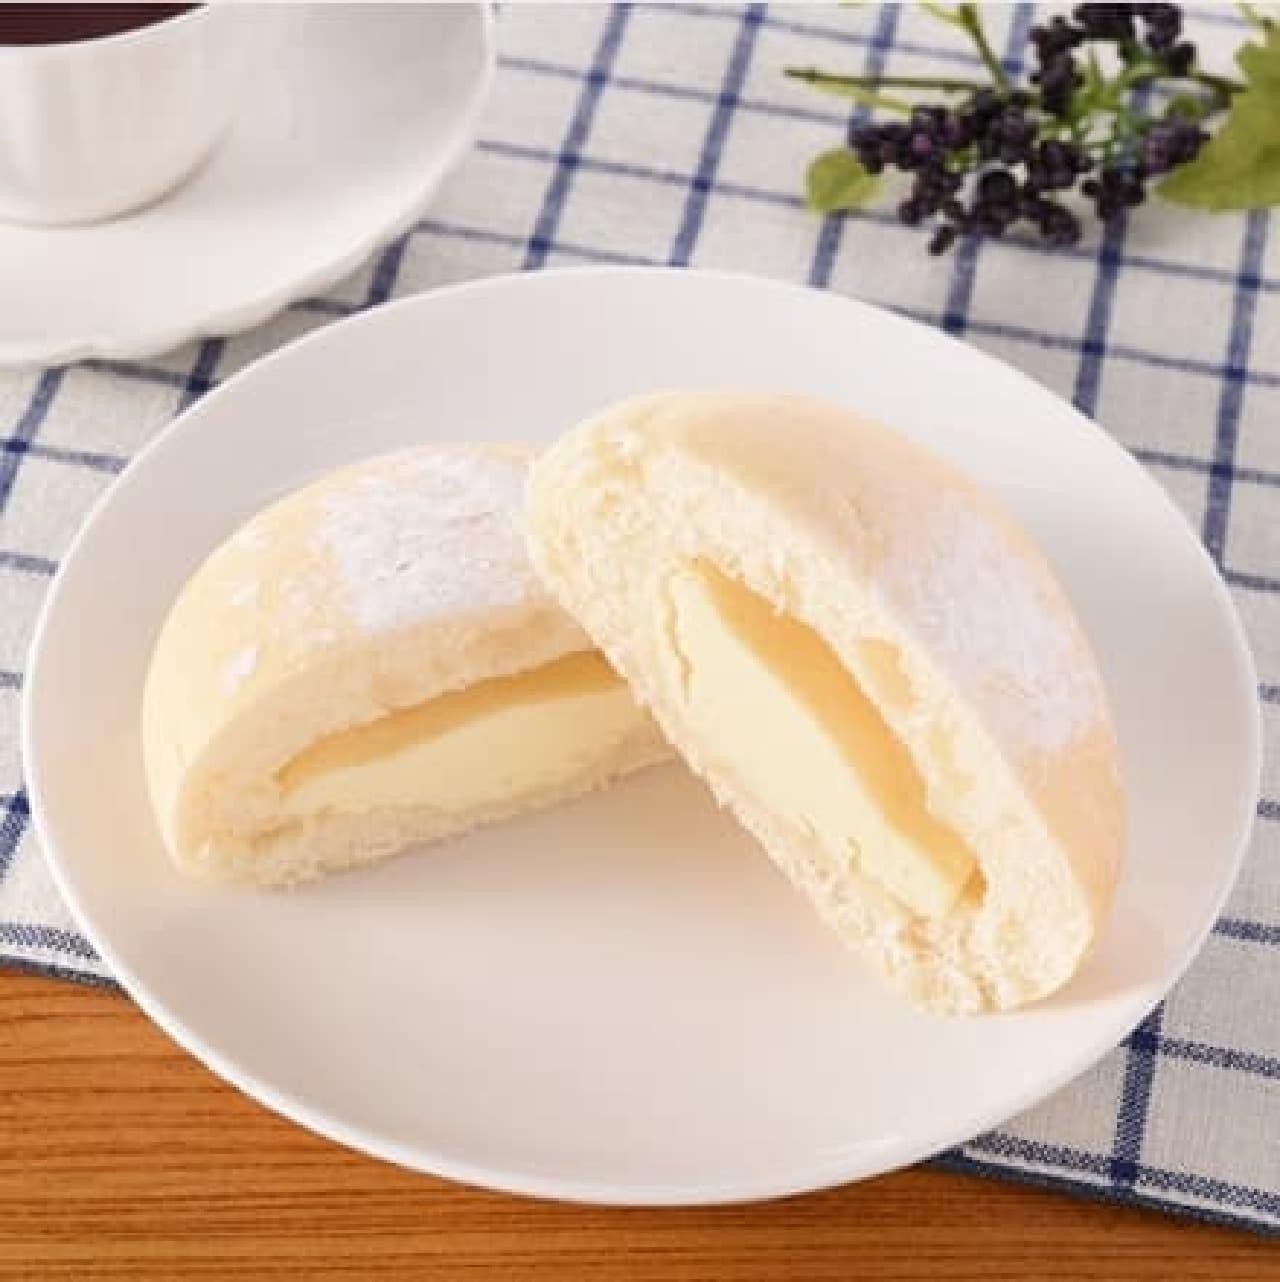 ファミリーマート「白いレアチーズパン」